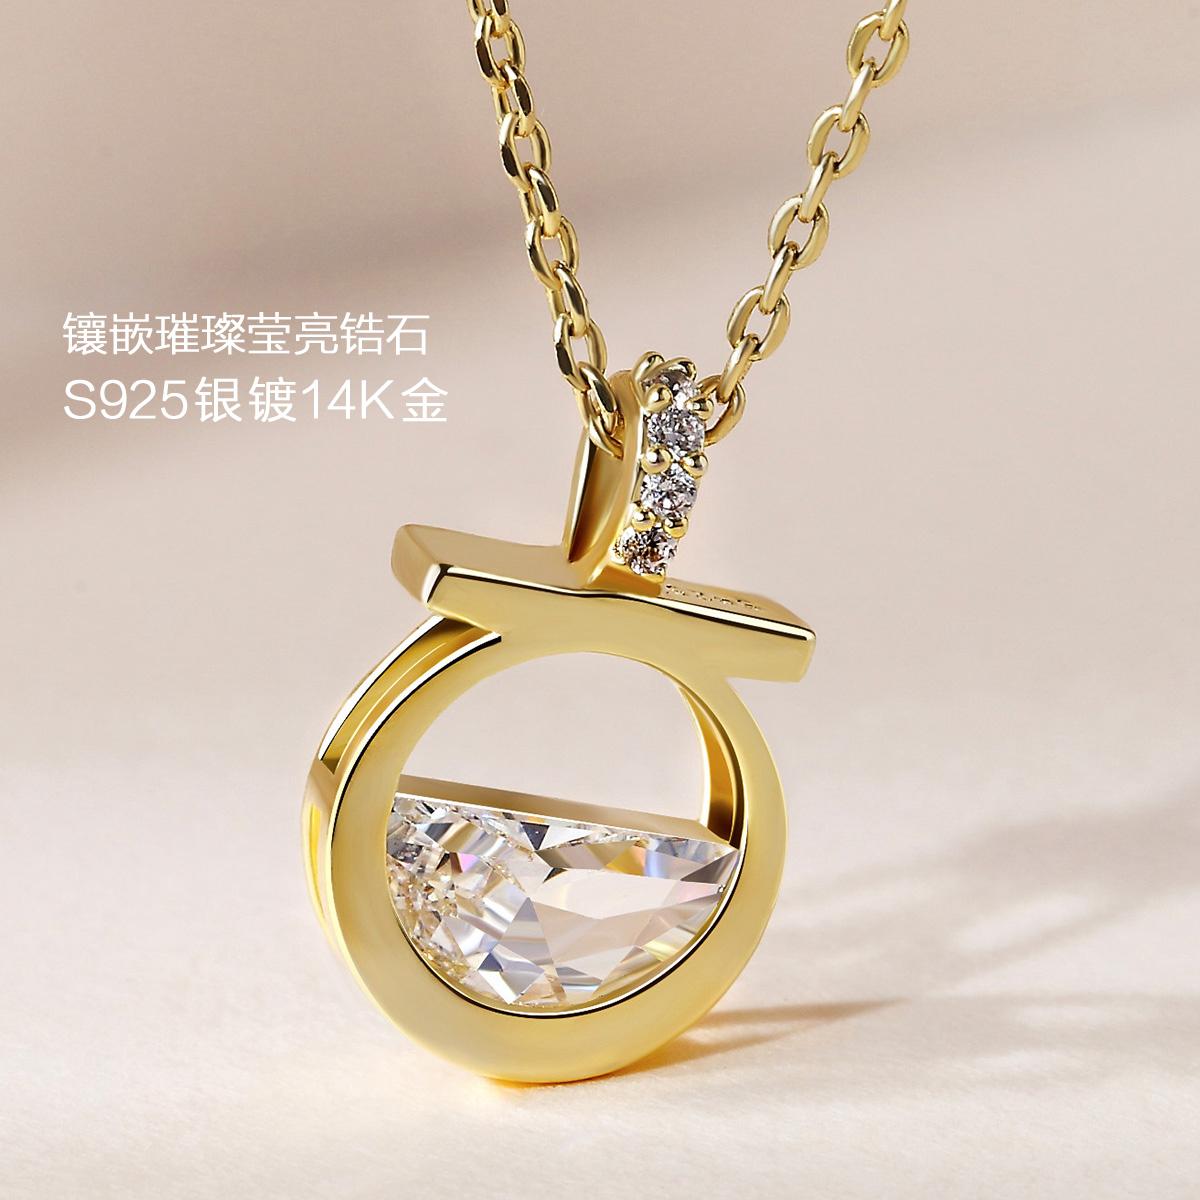 静风格S925银项链女香水瓶吊坠镶嵌人工锆石锁骨链精致简约风颈链